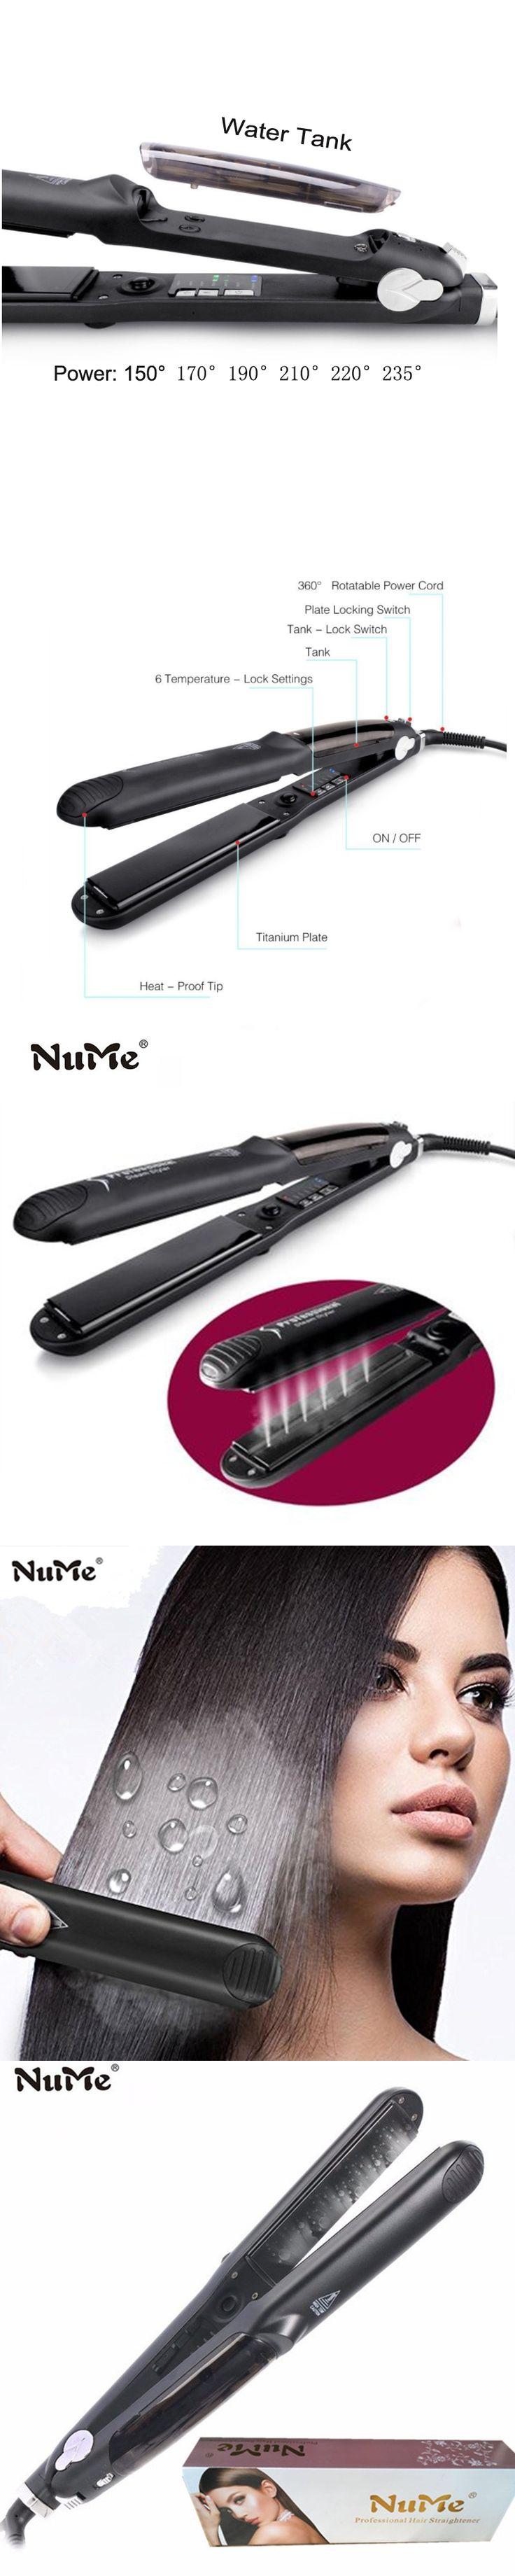 NuMe Hair Straightener Ceramic Steam Flat Iron Argan Oil Vapor Plate Wet/Dry Led Ferro Fast Hair Iron Steamer Styling Tool